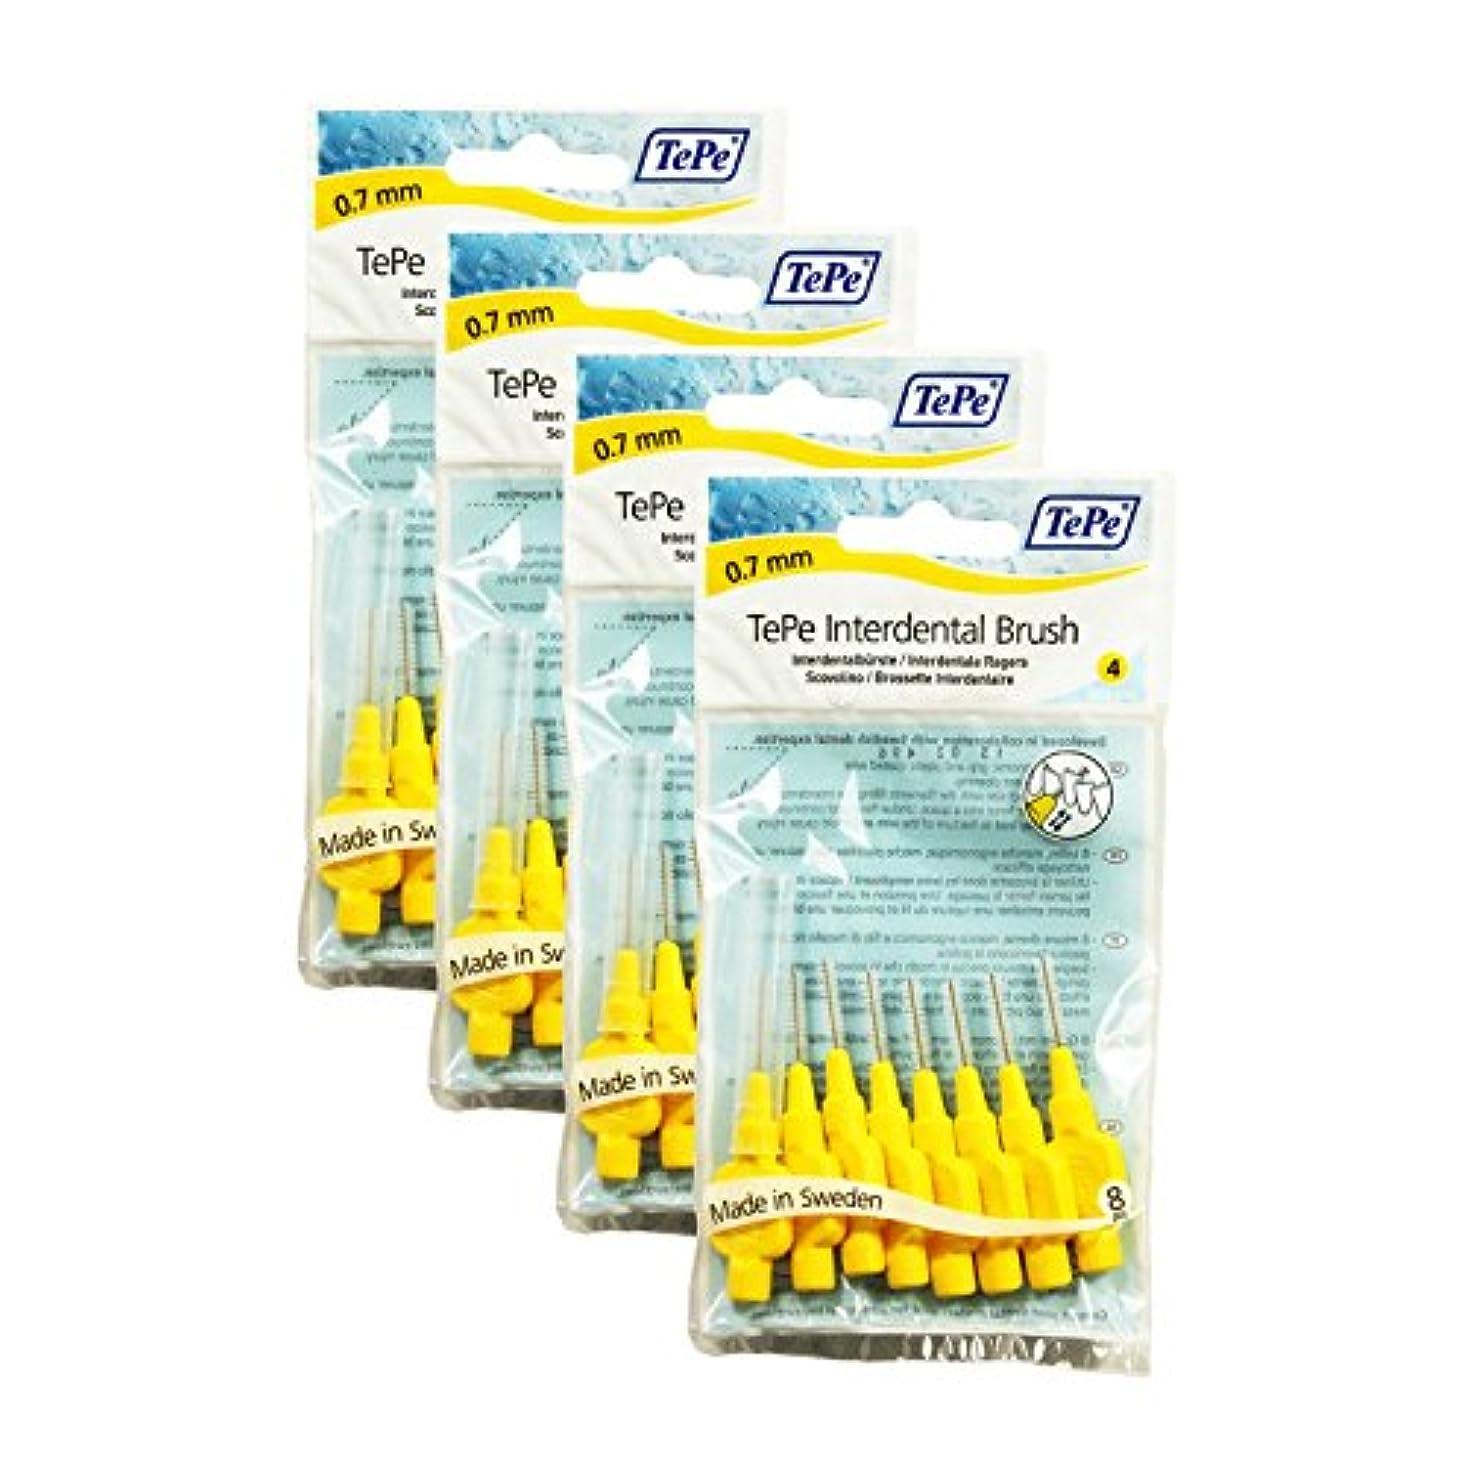 落ち込んでいるオンス予測子TePe Interdental Brushes 0.7mm Yellow - 4 Packets of 8 (32 Brushes) by TePe